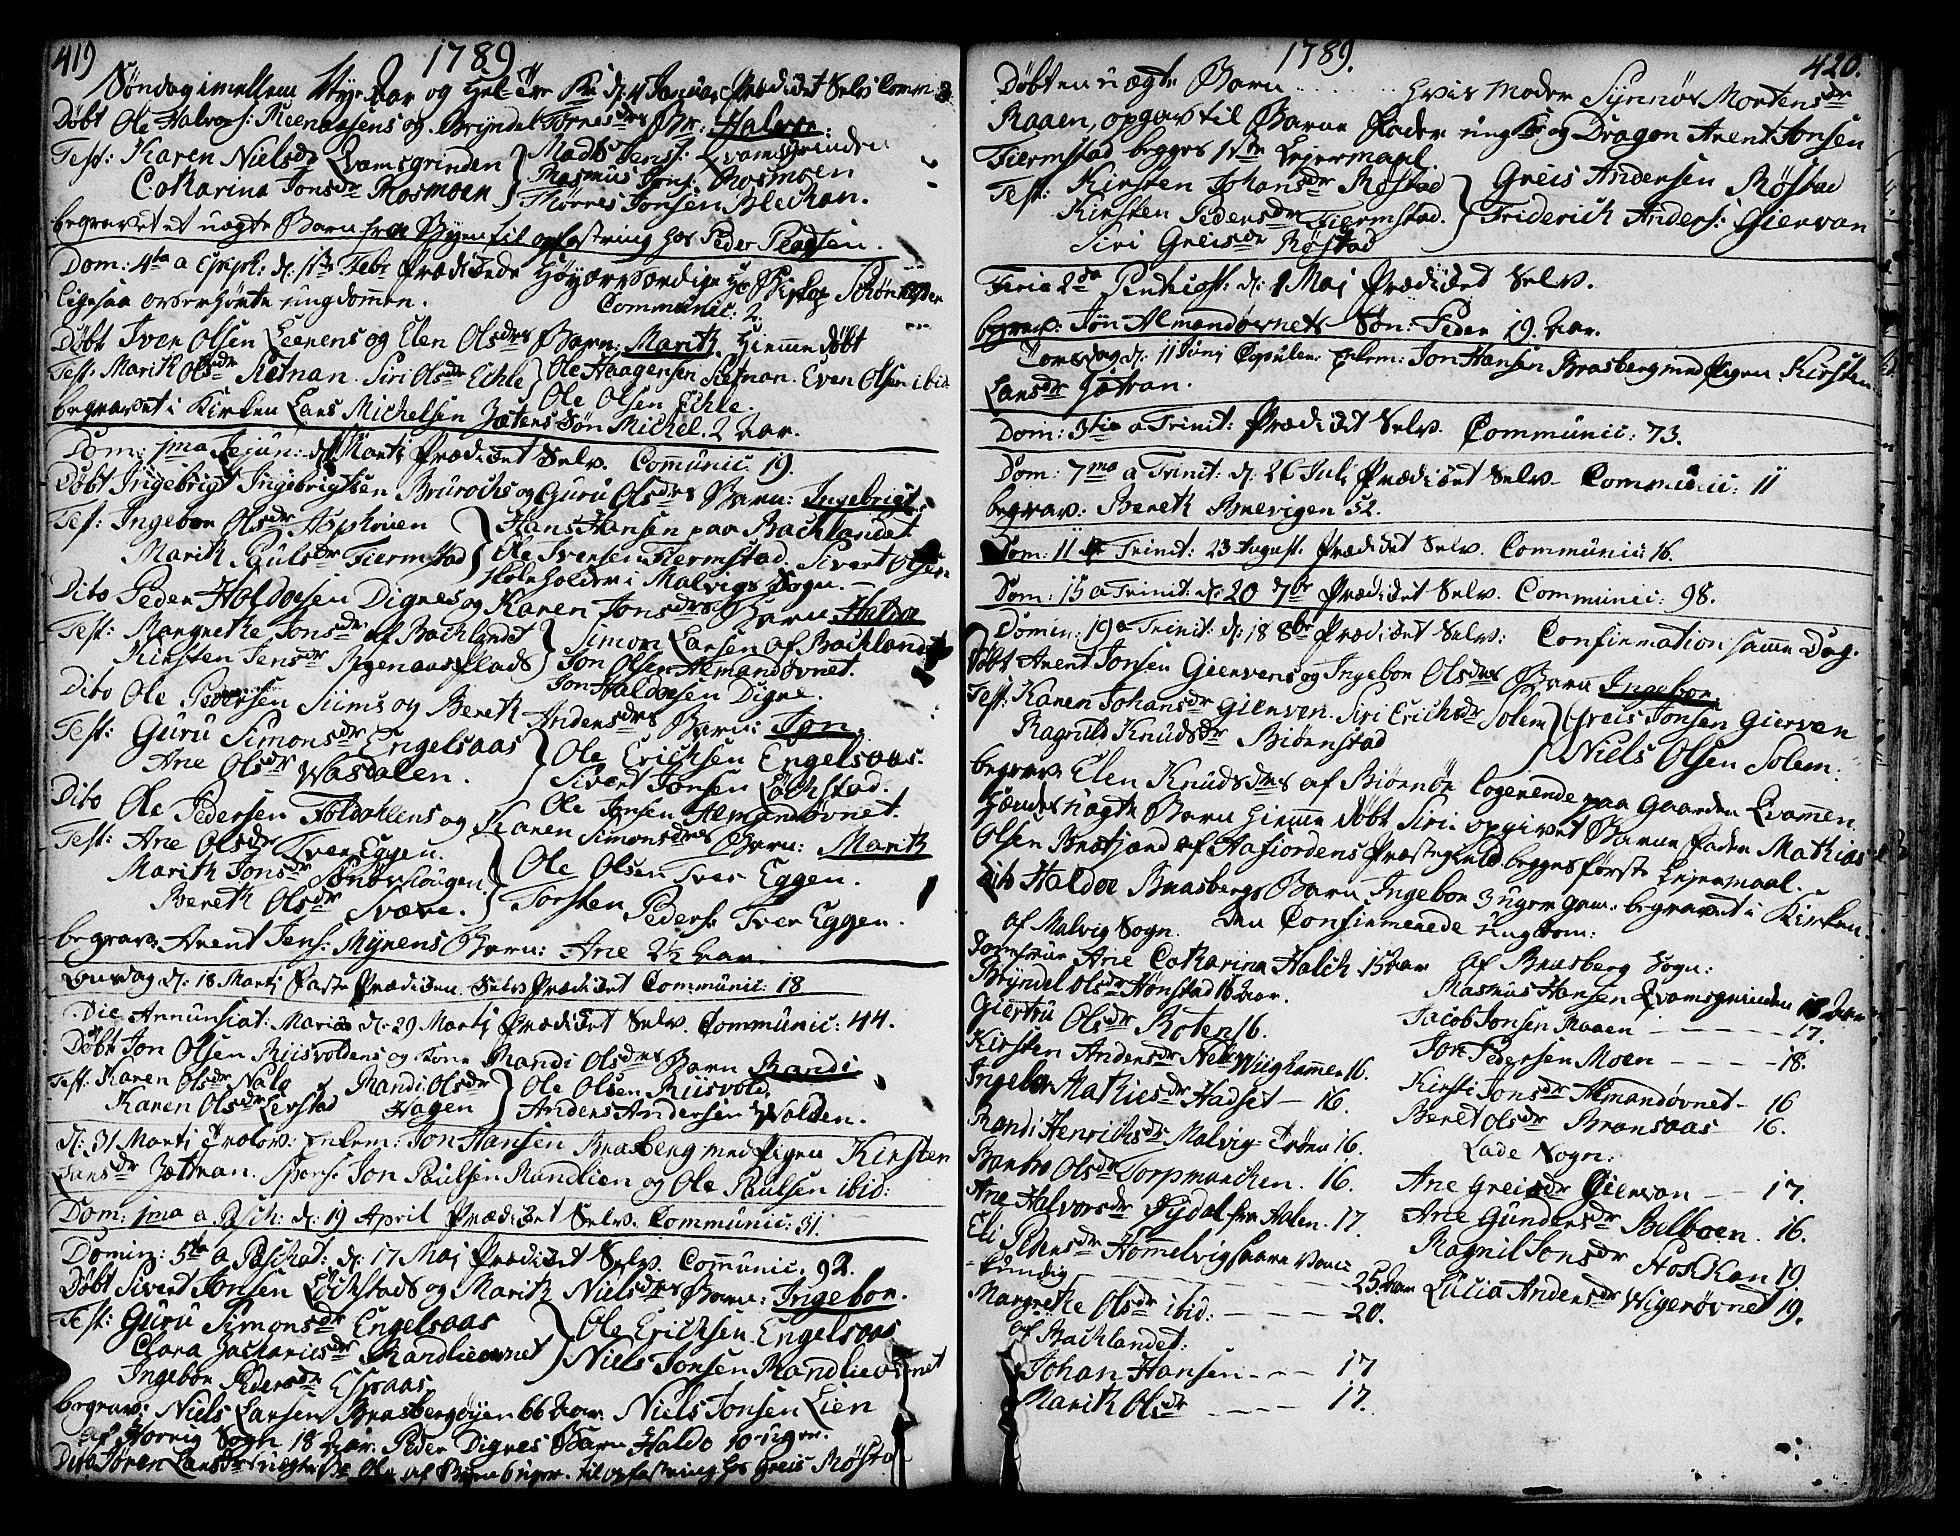 SAT, Ministerialprotokoller, klokkerbøker og fødselsregistre - Sør-Trøndelag, 606/L0282: Ministerialbok nr. 606A02 /3, 1781-1817, s. 419-420